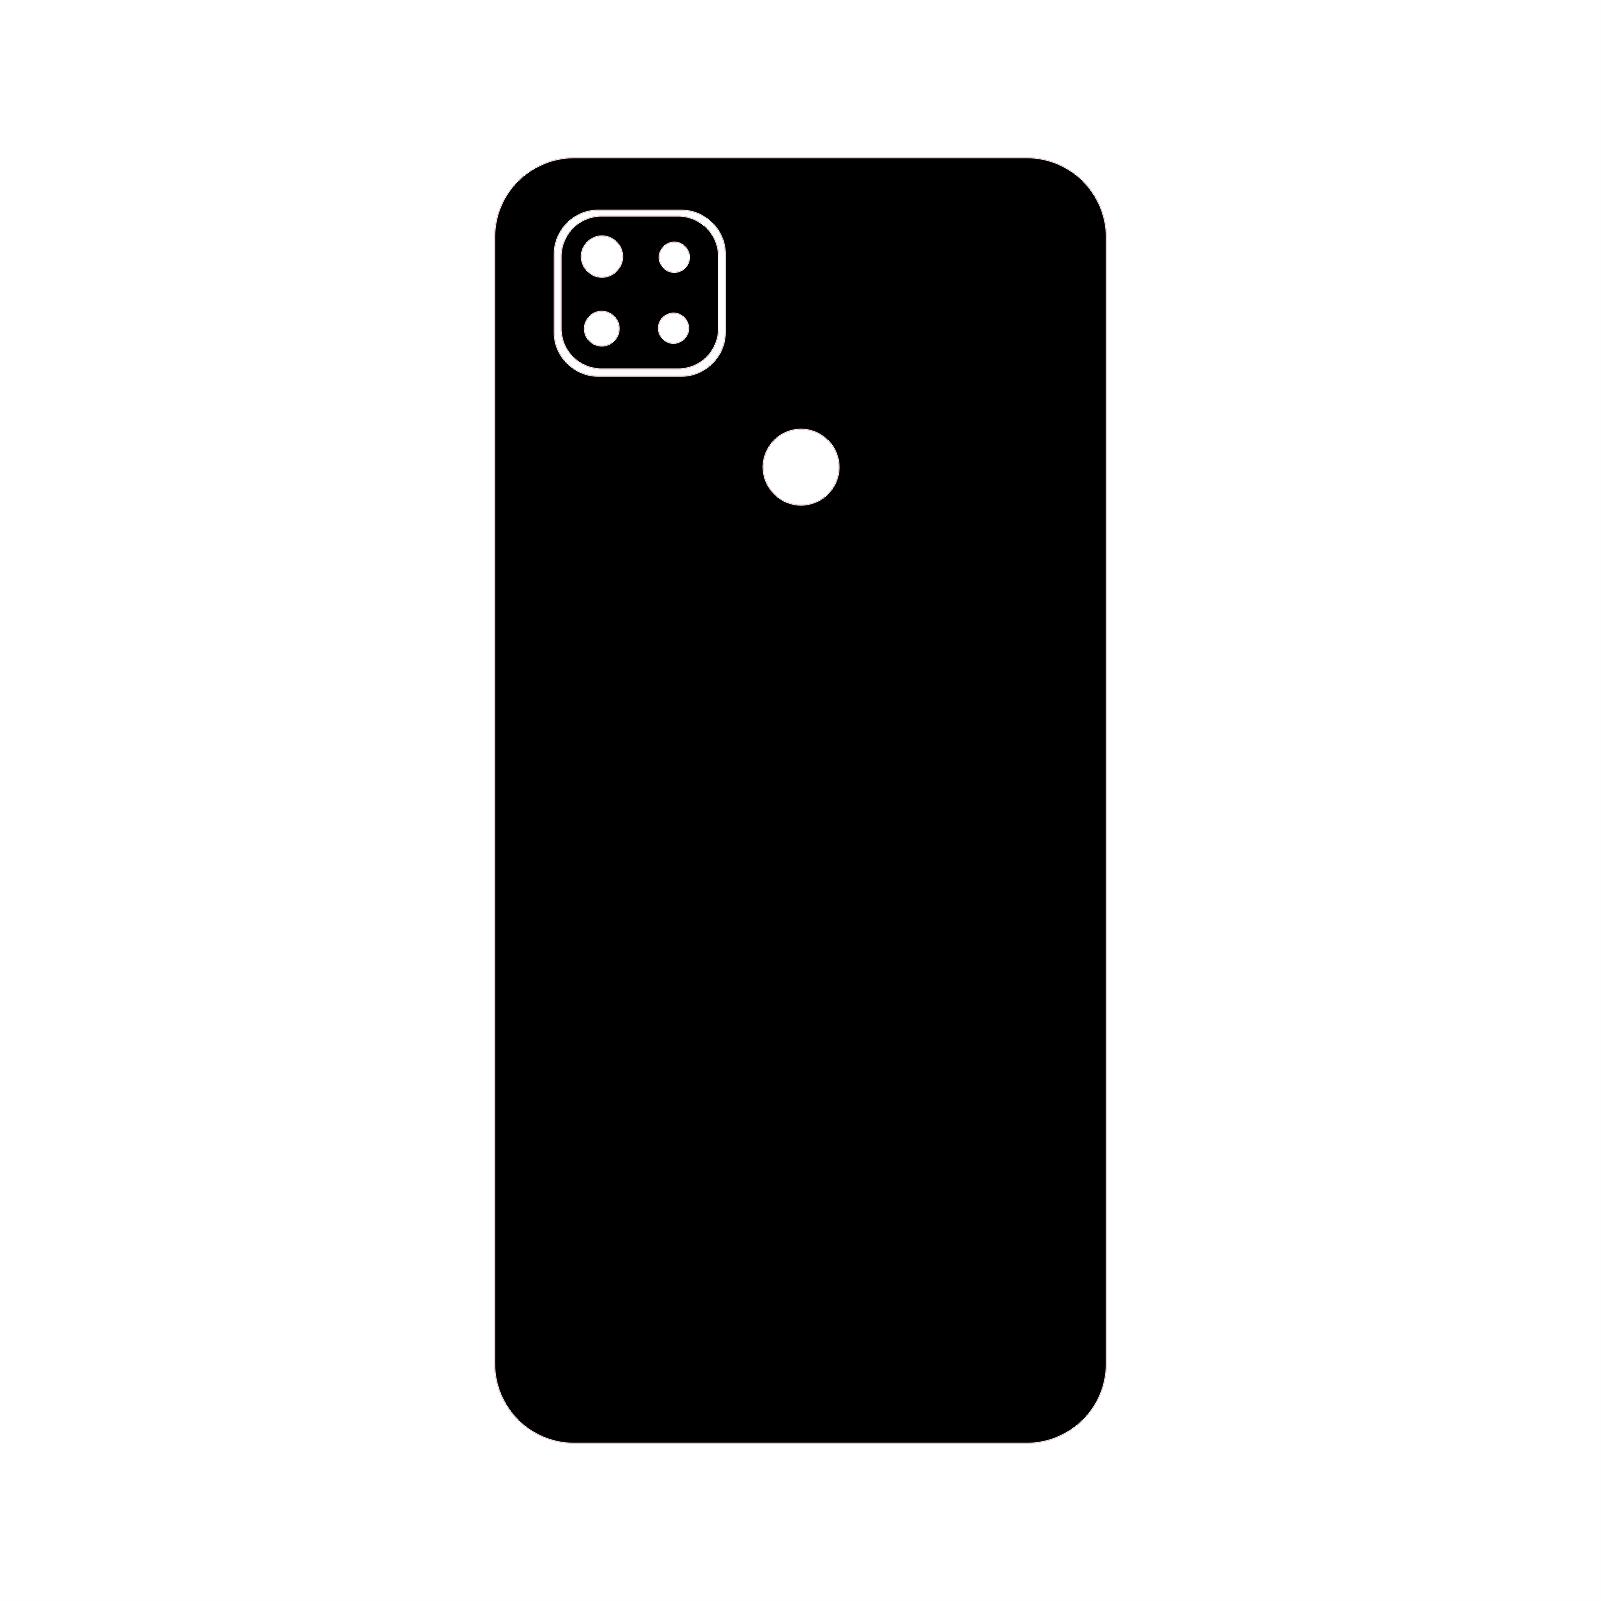 برچسب پوششی مدل 1004 مناسب برای گوشی موبایل شیائومی Redmi 9C NFC